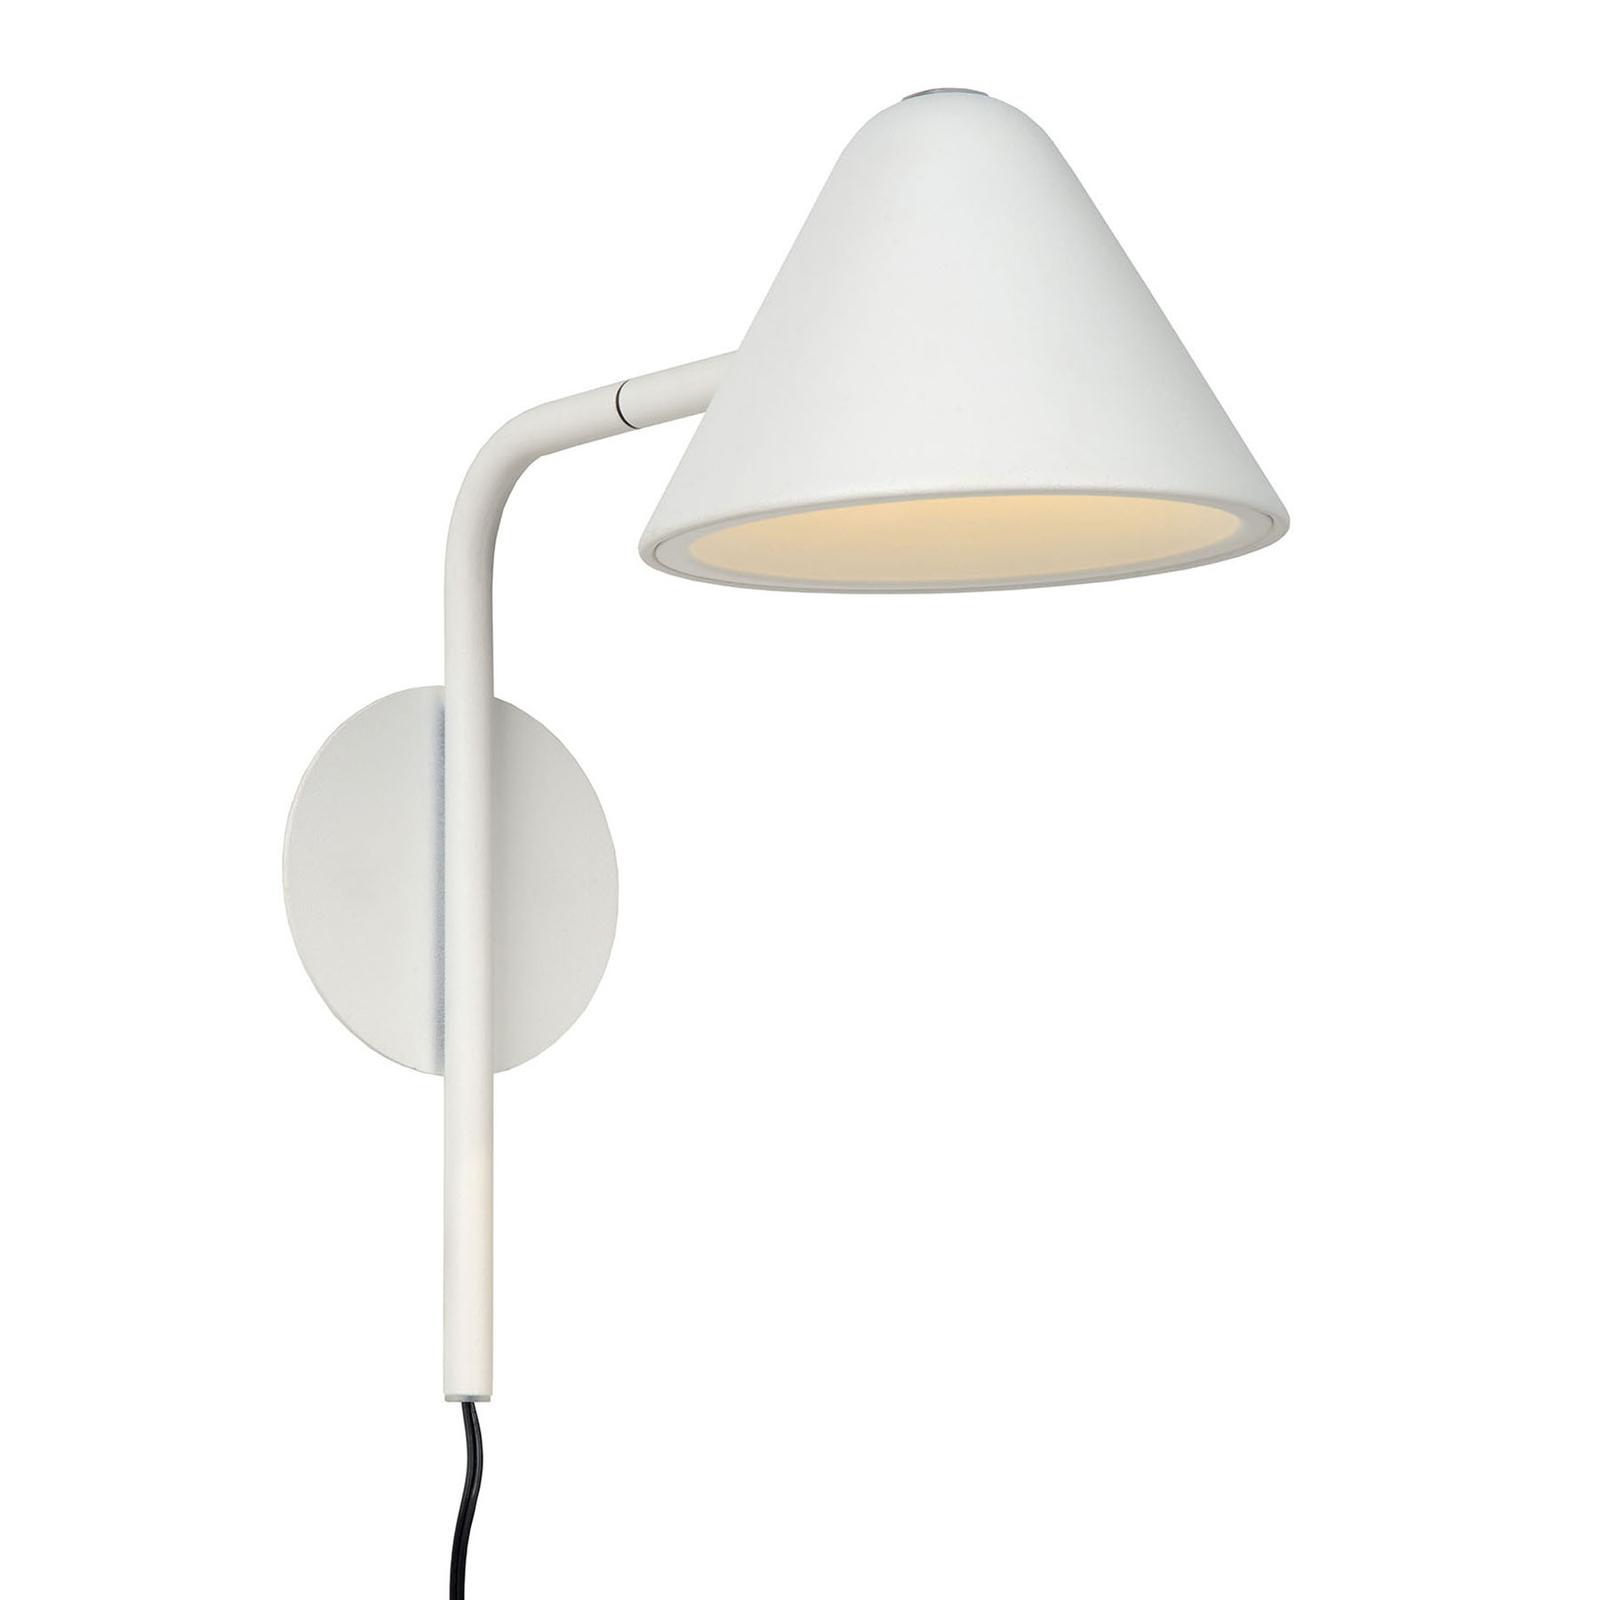 Applique LED Devon avec prise, blanche